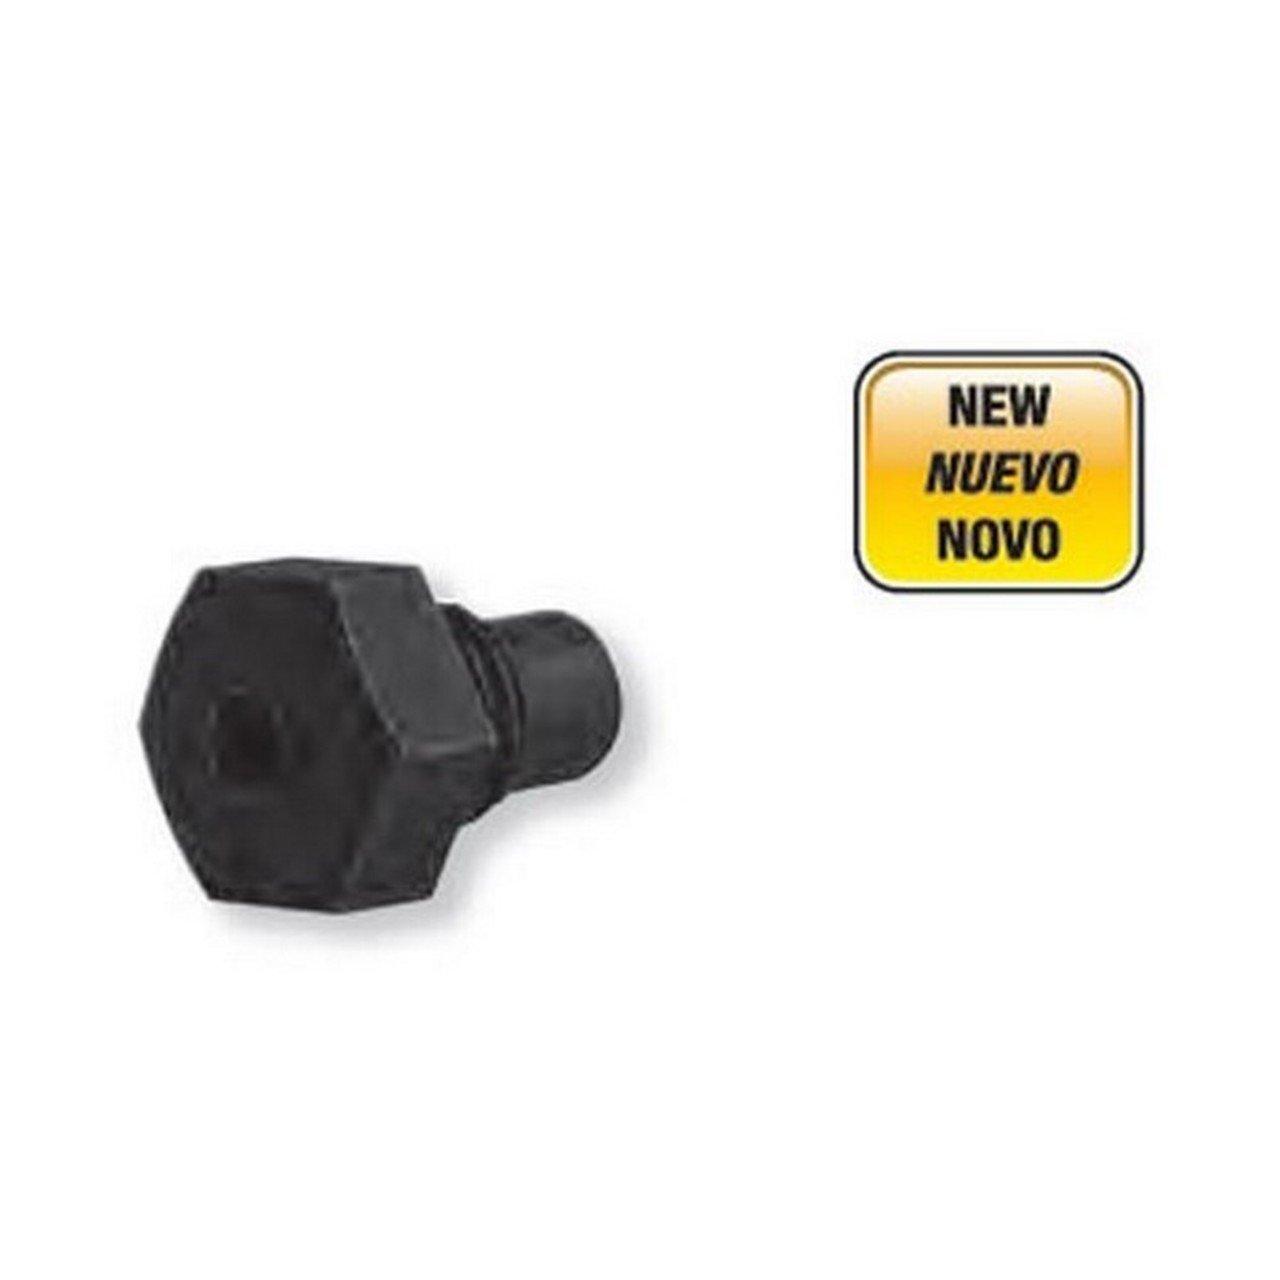 KRAFTWERK 4262-9 - Remache 6.4mm Monobolt para 4262